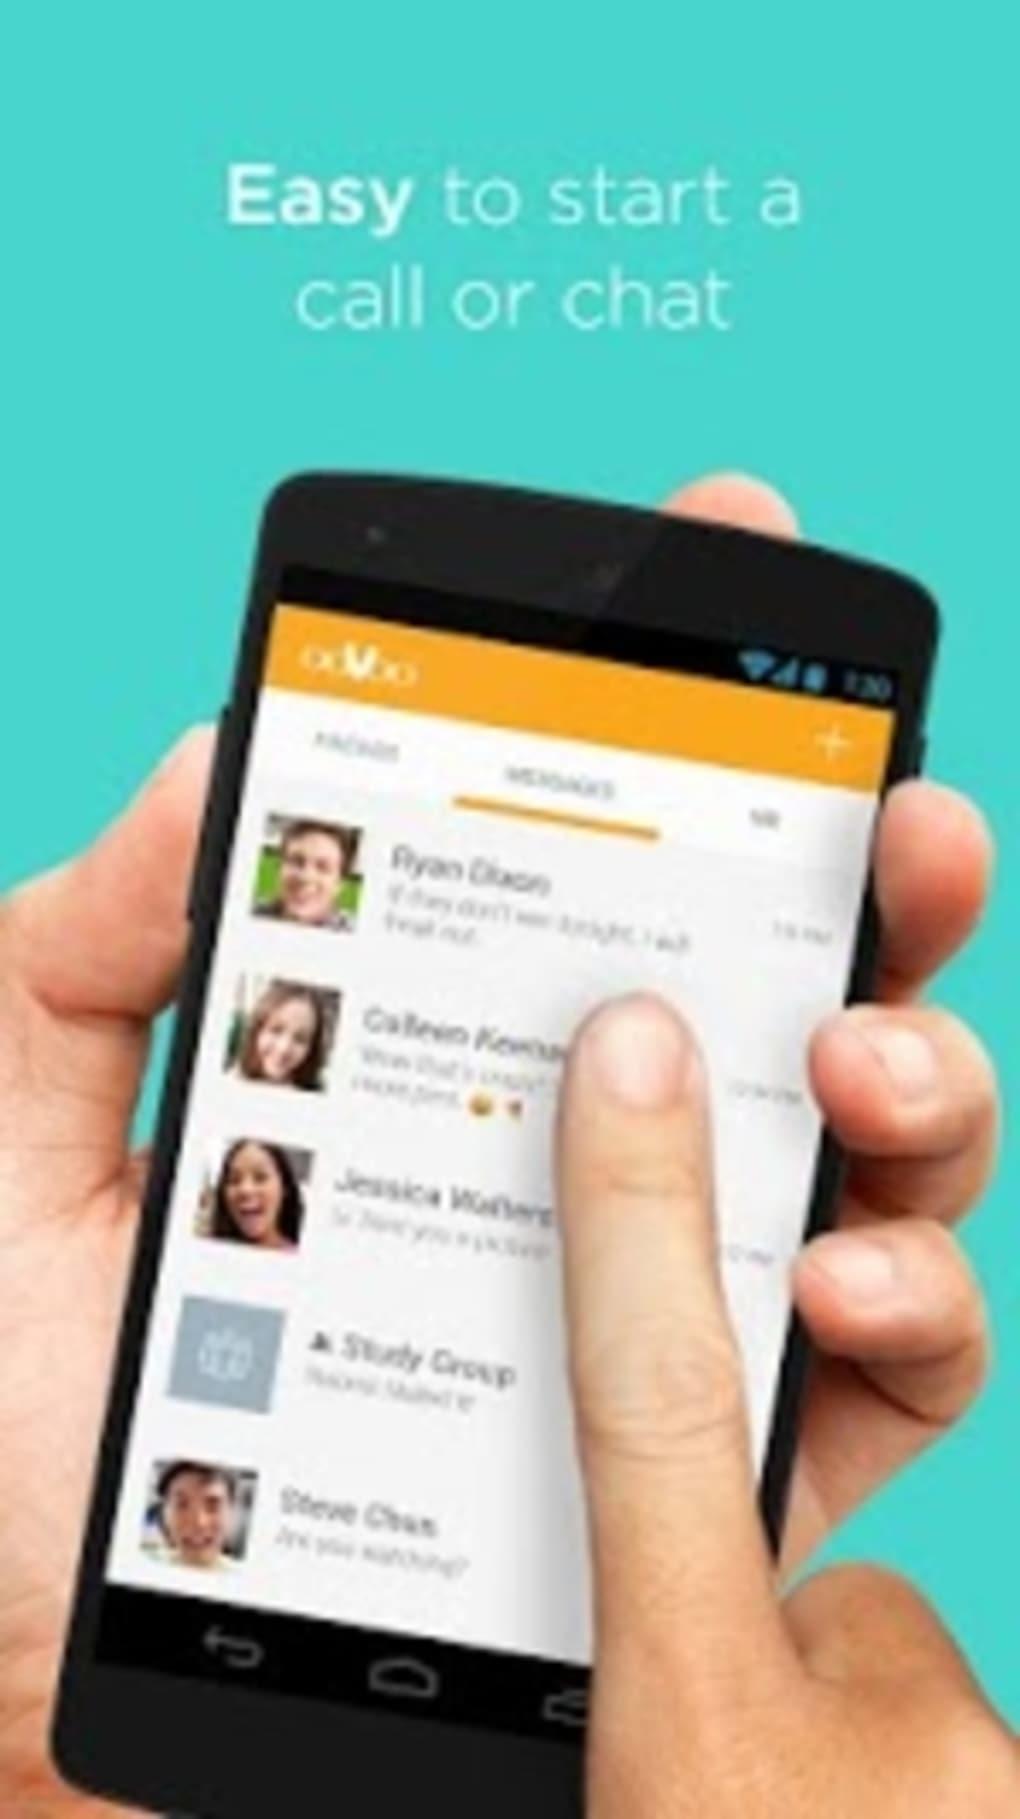 logiciel oovoo pour mobile